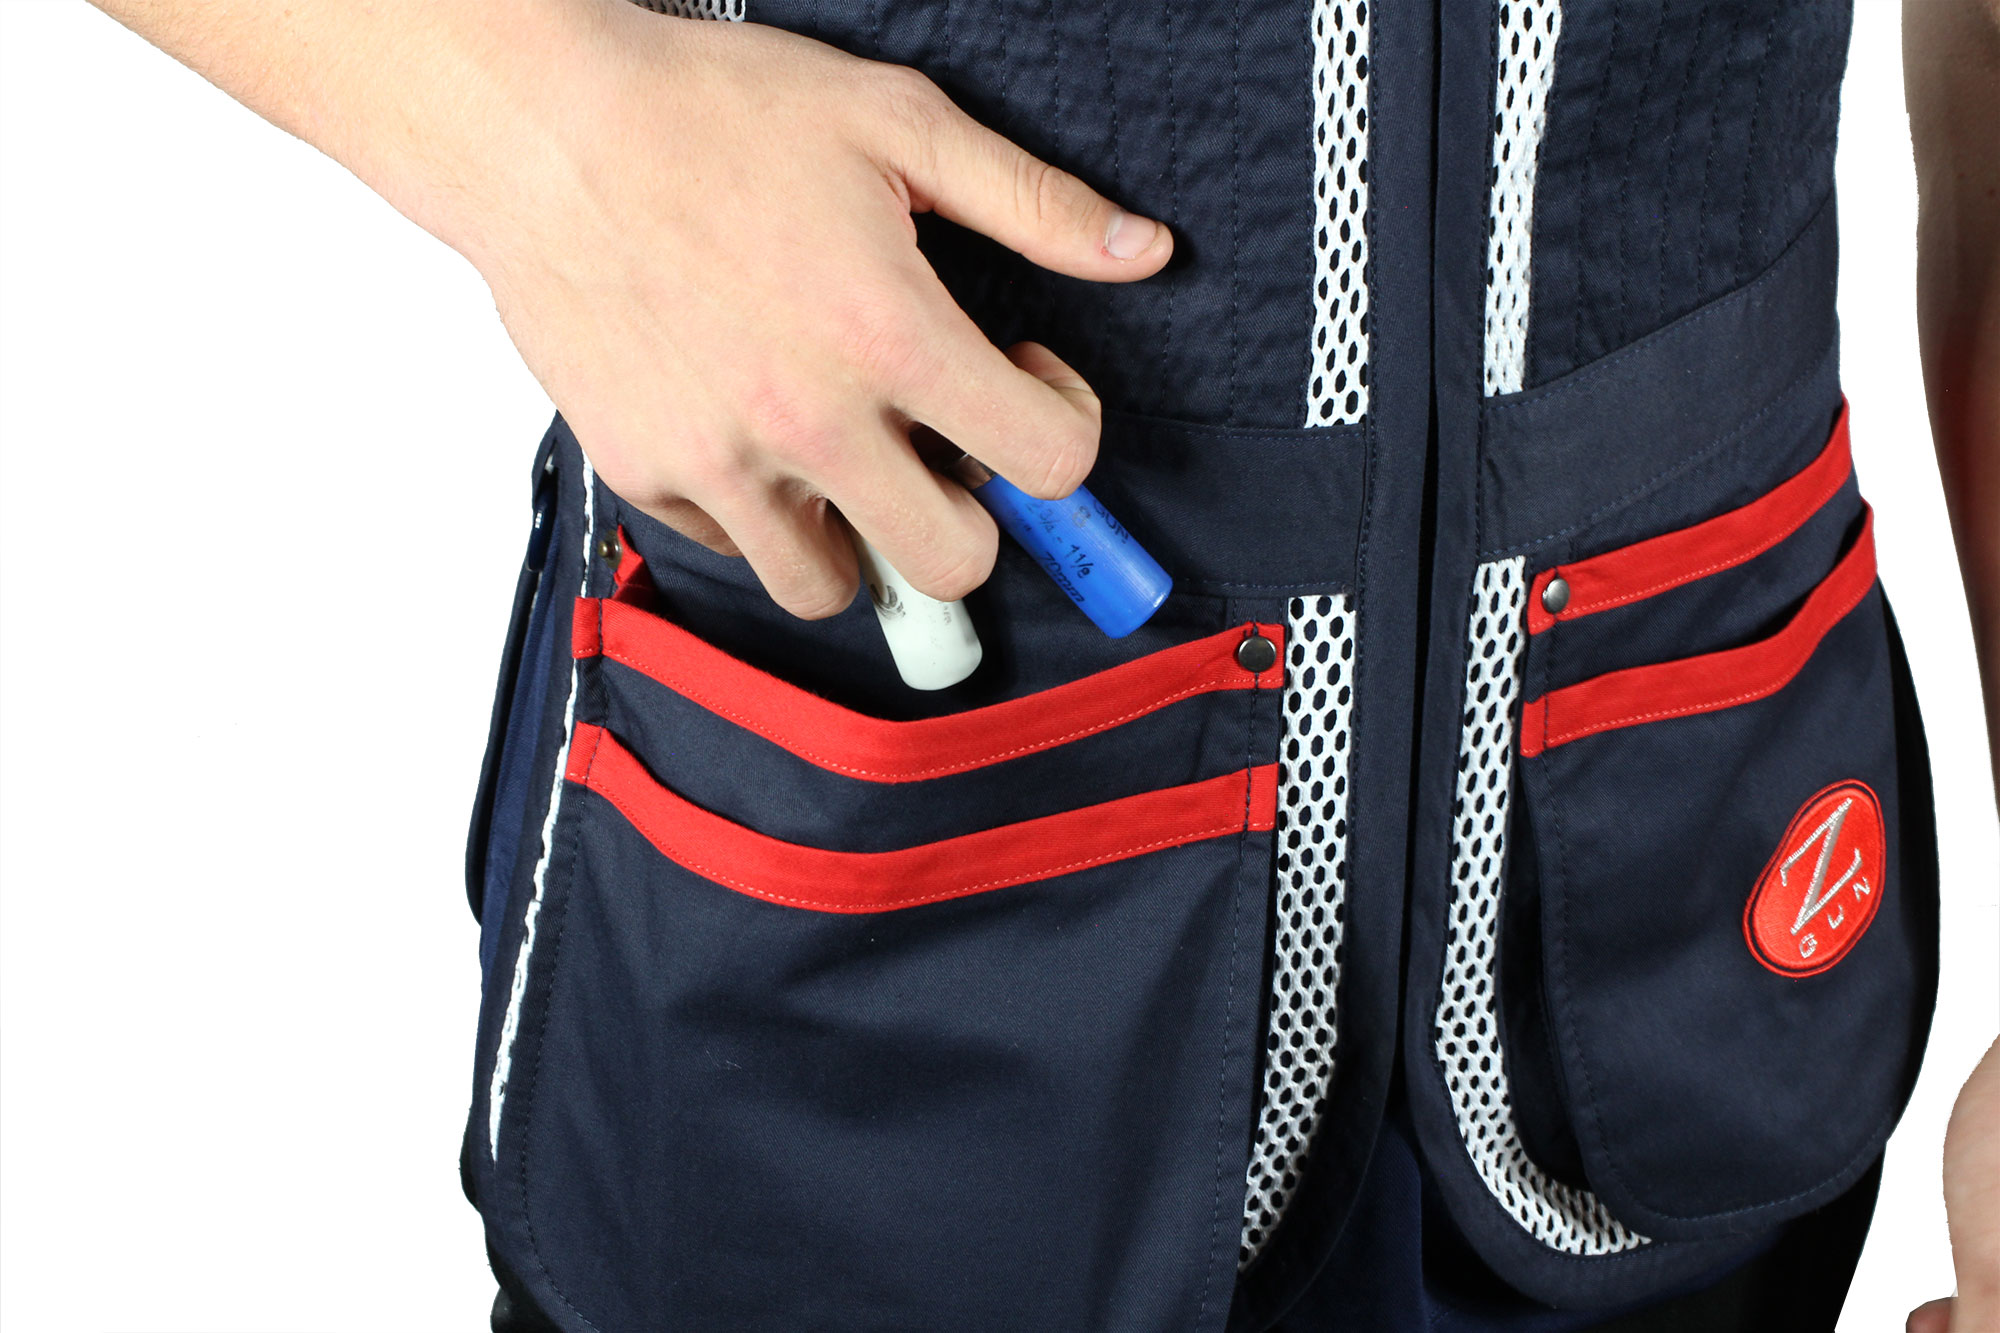 Zoli Shooter Vest by Castellani front pocket